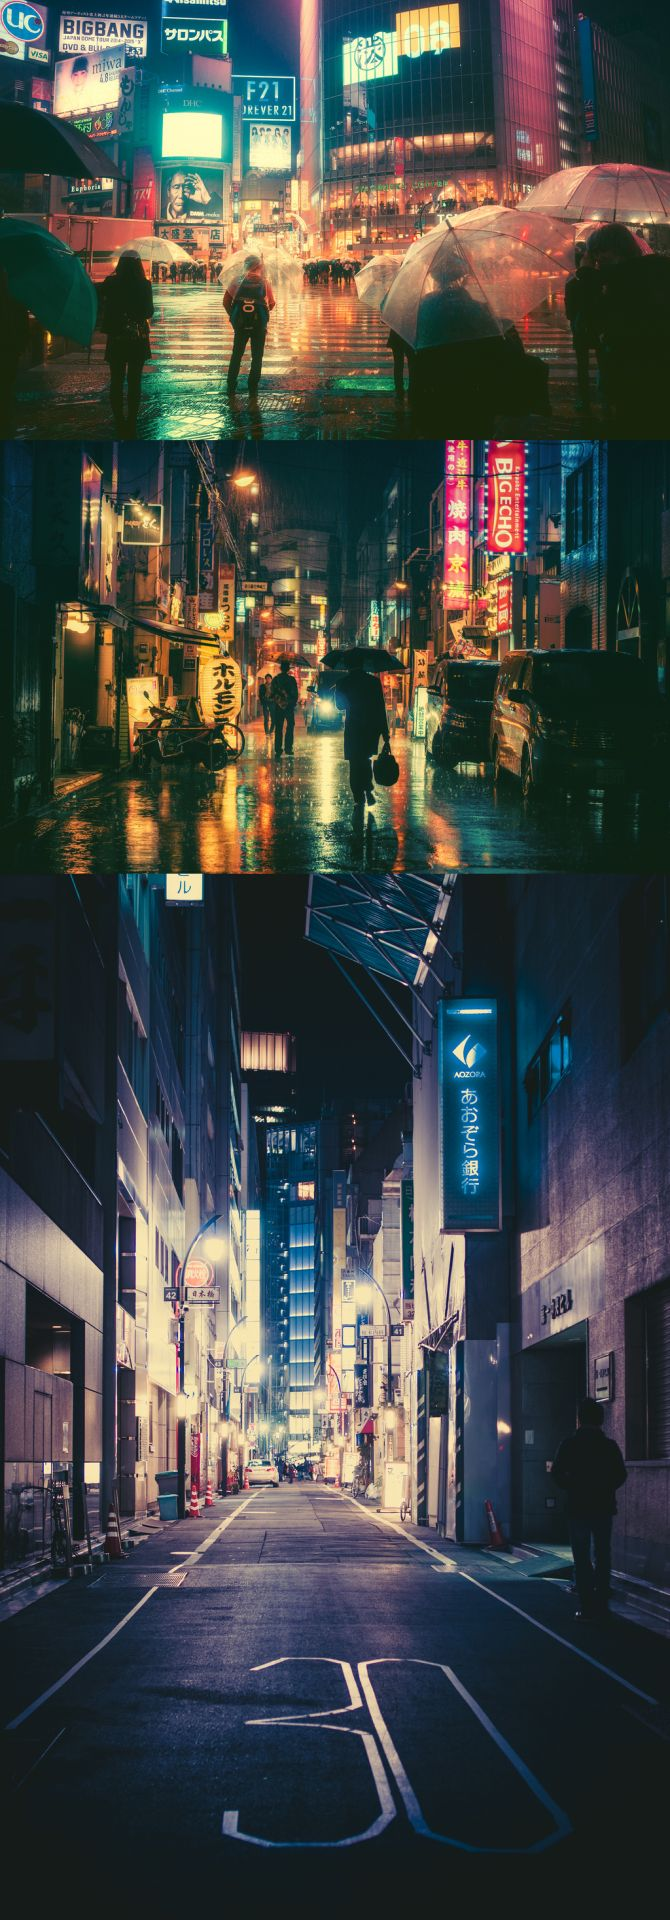 Tokyo Streets at Night by Masashi Wakui